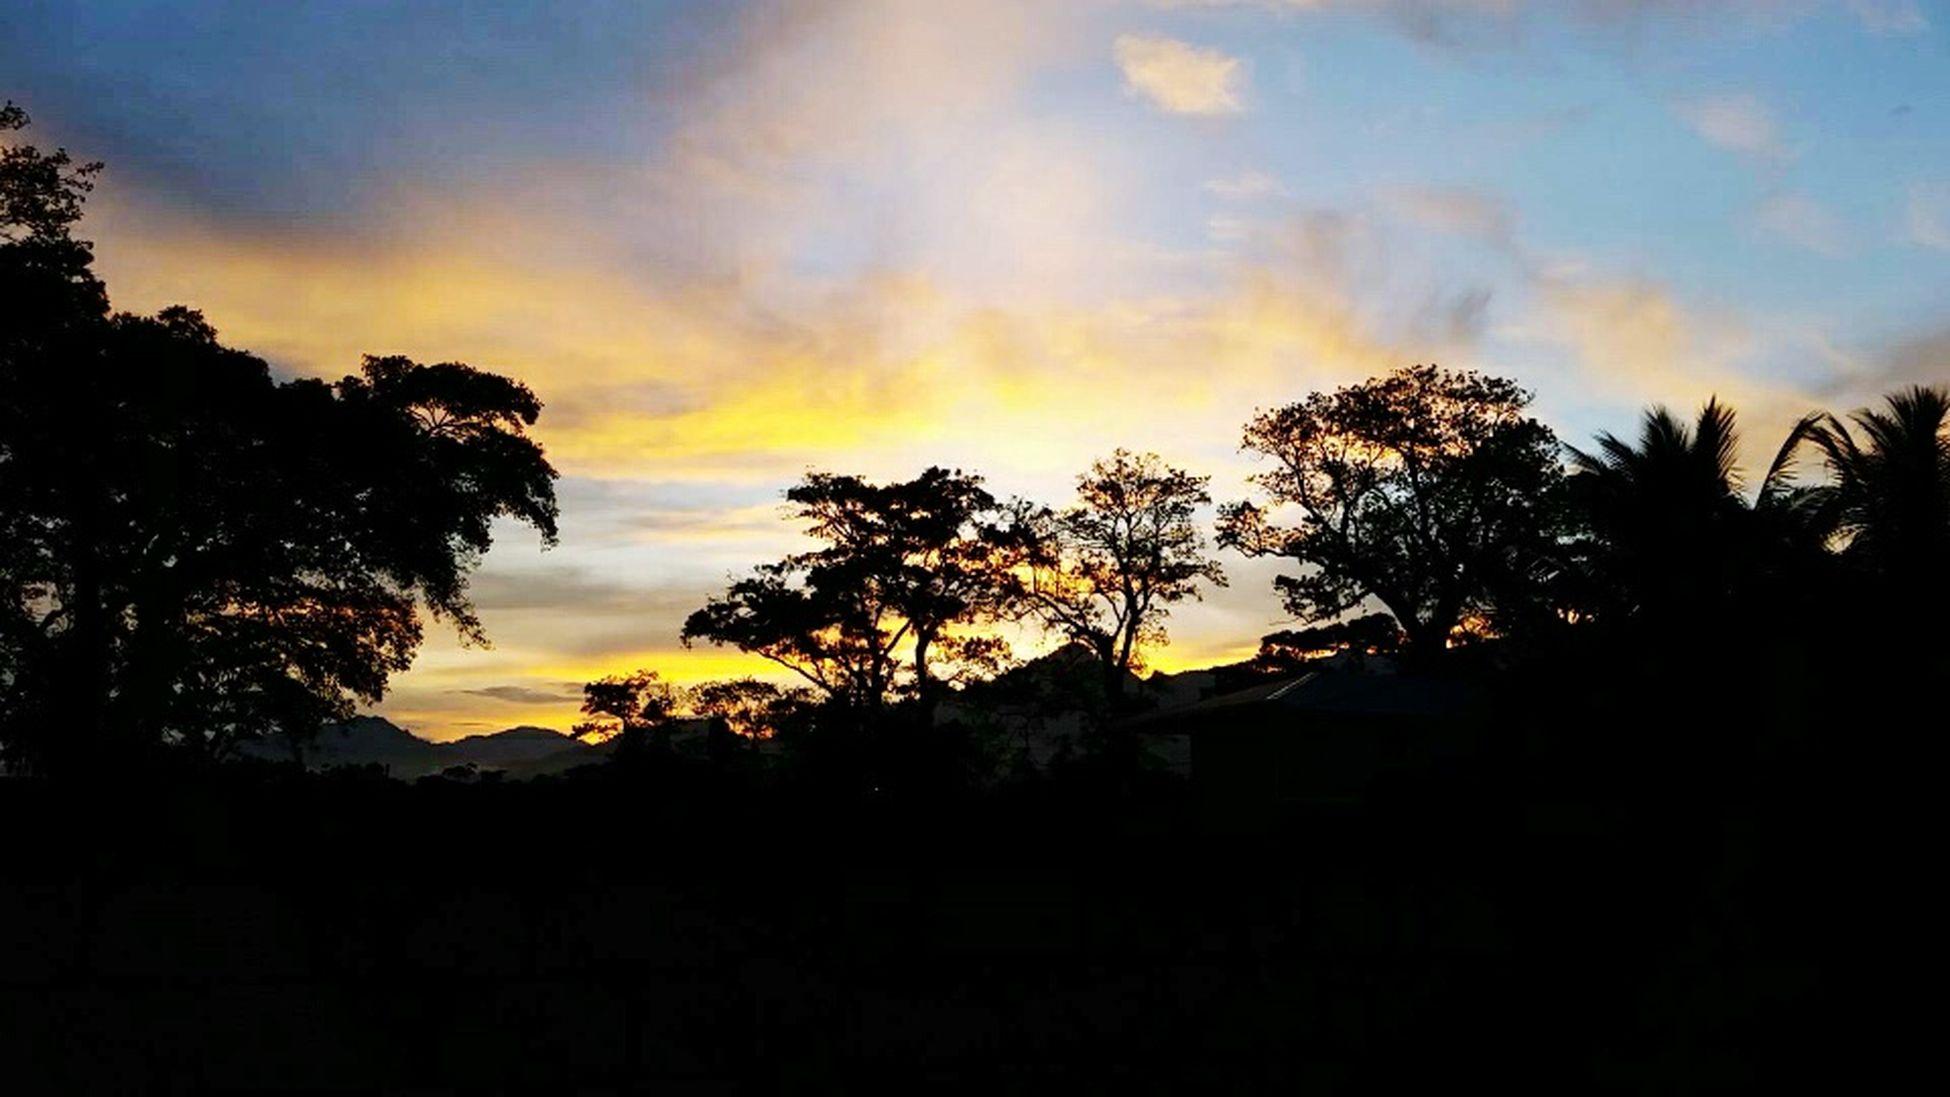 Nature Photography Capture The Moment Beautiful Sunrise Sunrise_sunsets_aroundworld Naturelovers Sunrise_Collection EyeEm Best Shots - Sunsets + Sunrise